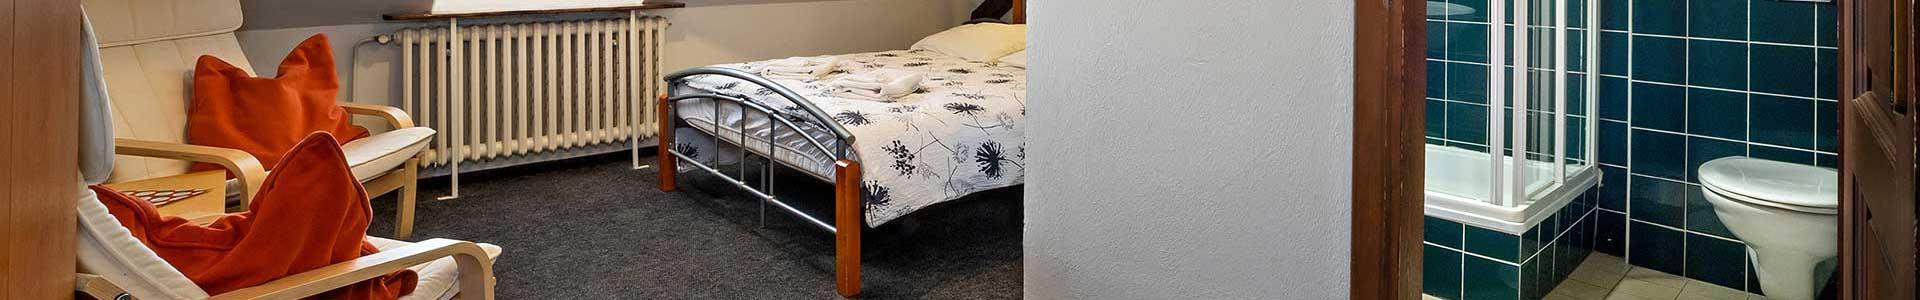 Pension Landauer nabízí ubytování v centru města Český Krumlov